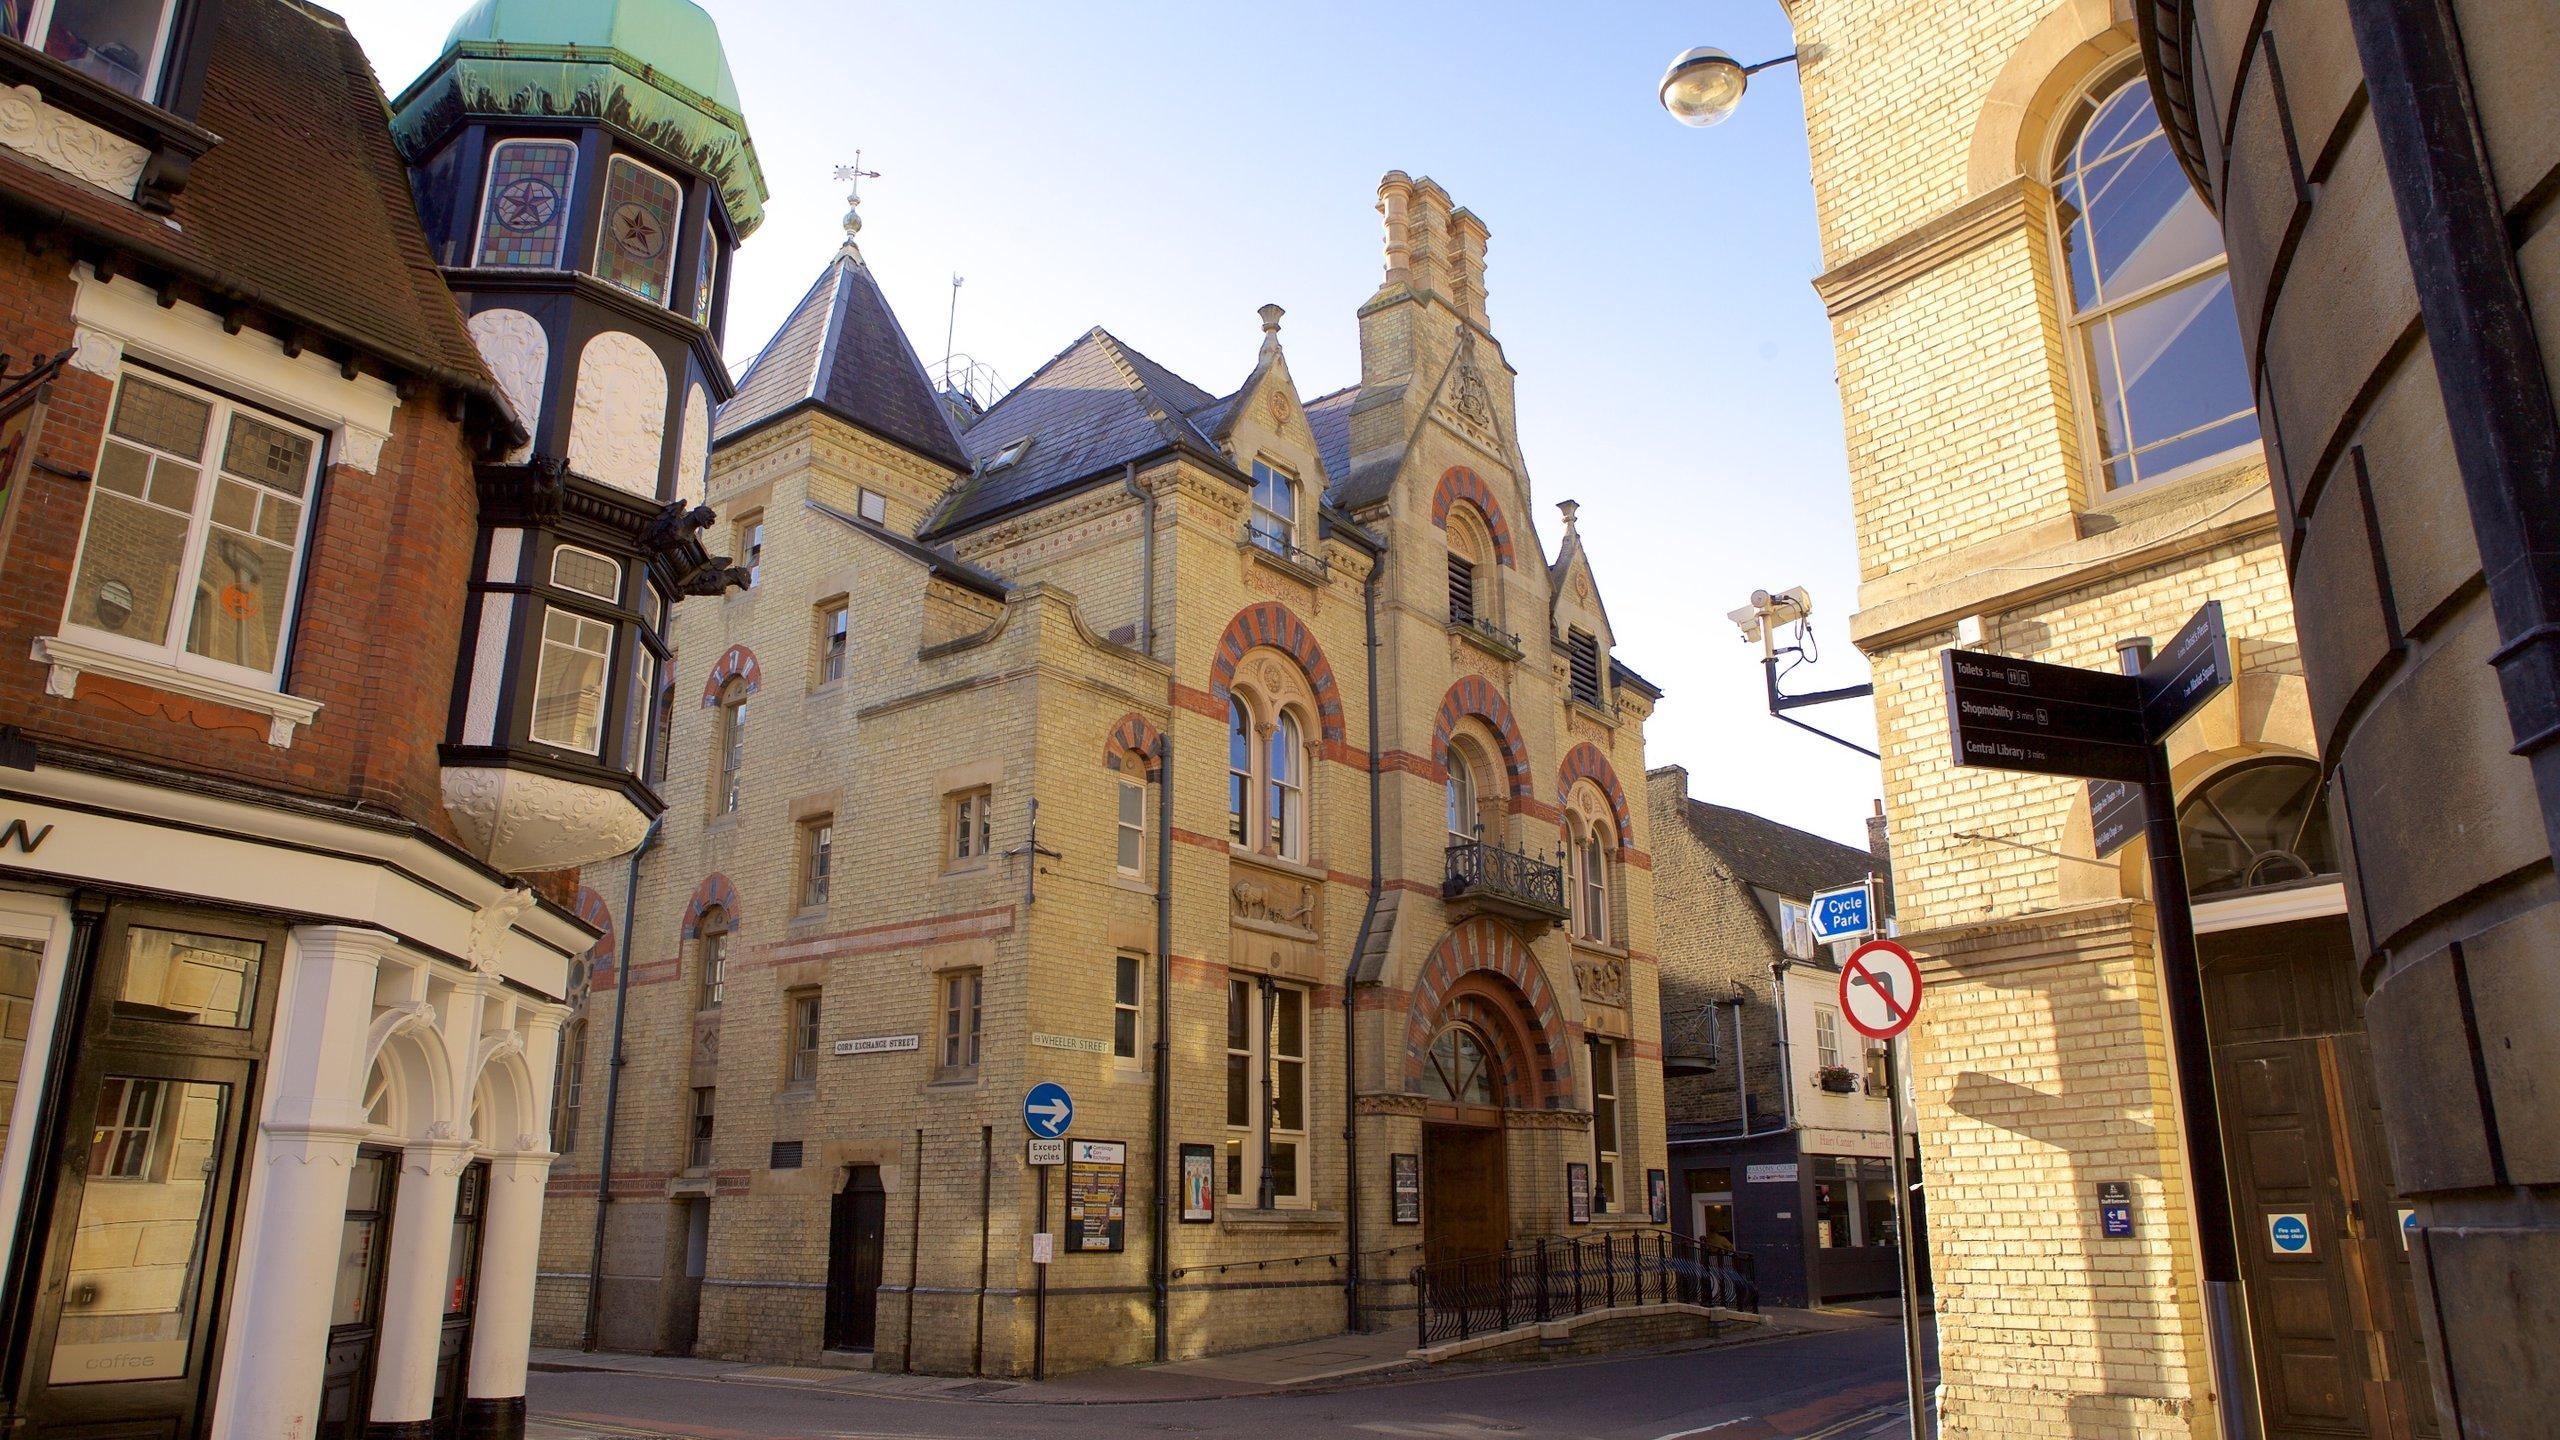 Centre-ville de Cambridge, Cambridge, Angleterre, Royaume-Uni